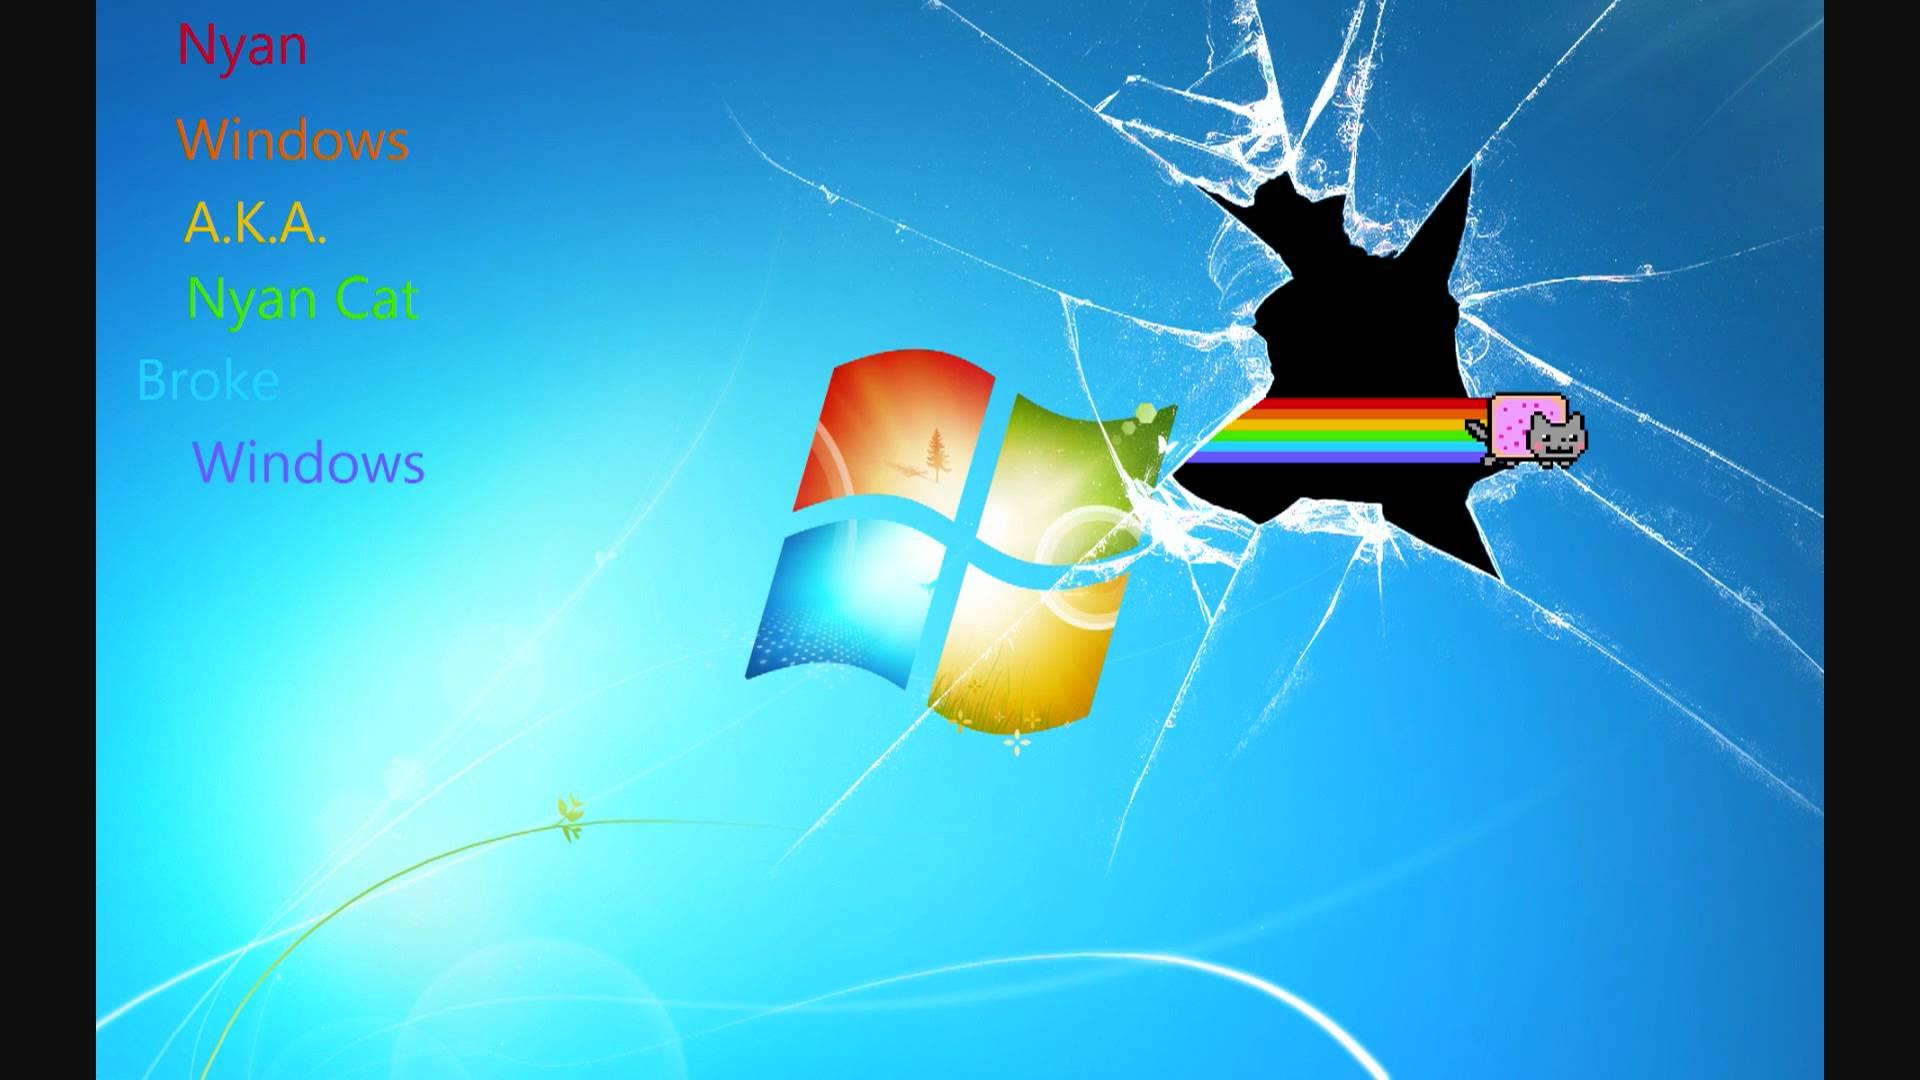 Windows 7 Wallpapers Broken Screen Wallpaper Cave